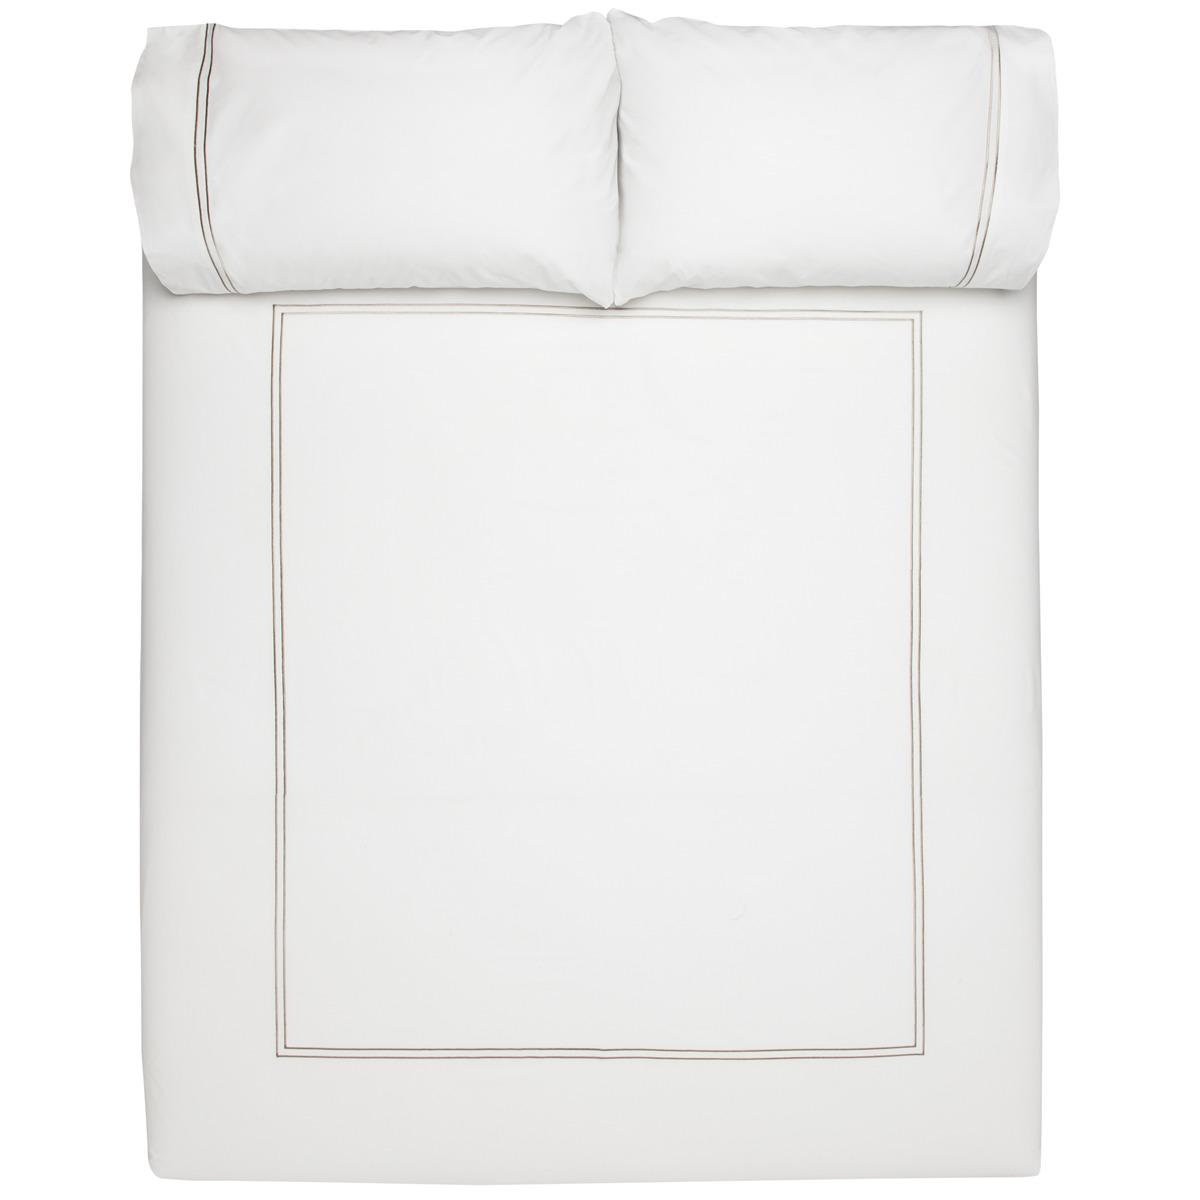 布団カバー+枕カバー2枚